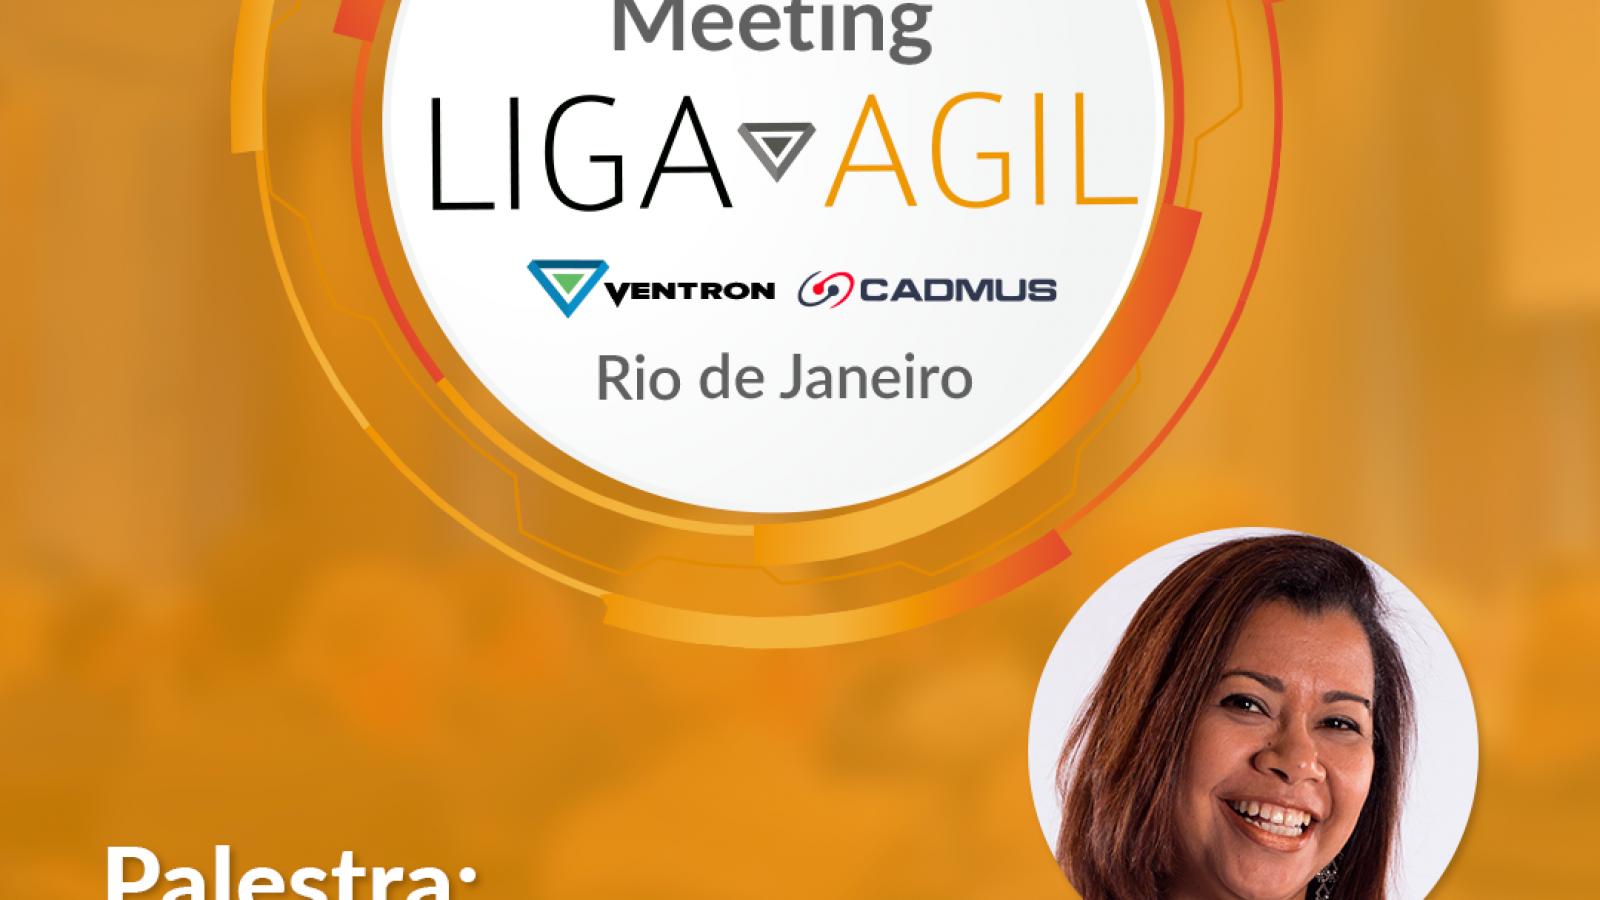 RH Talent - Agile Leaders Meeting